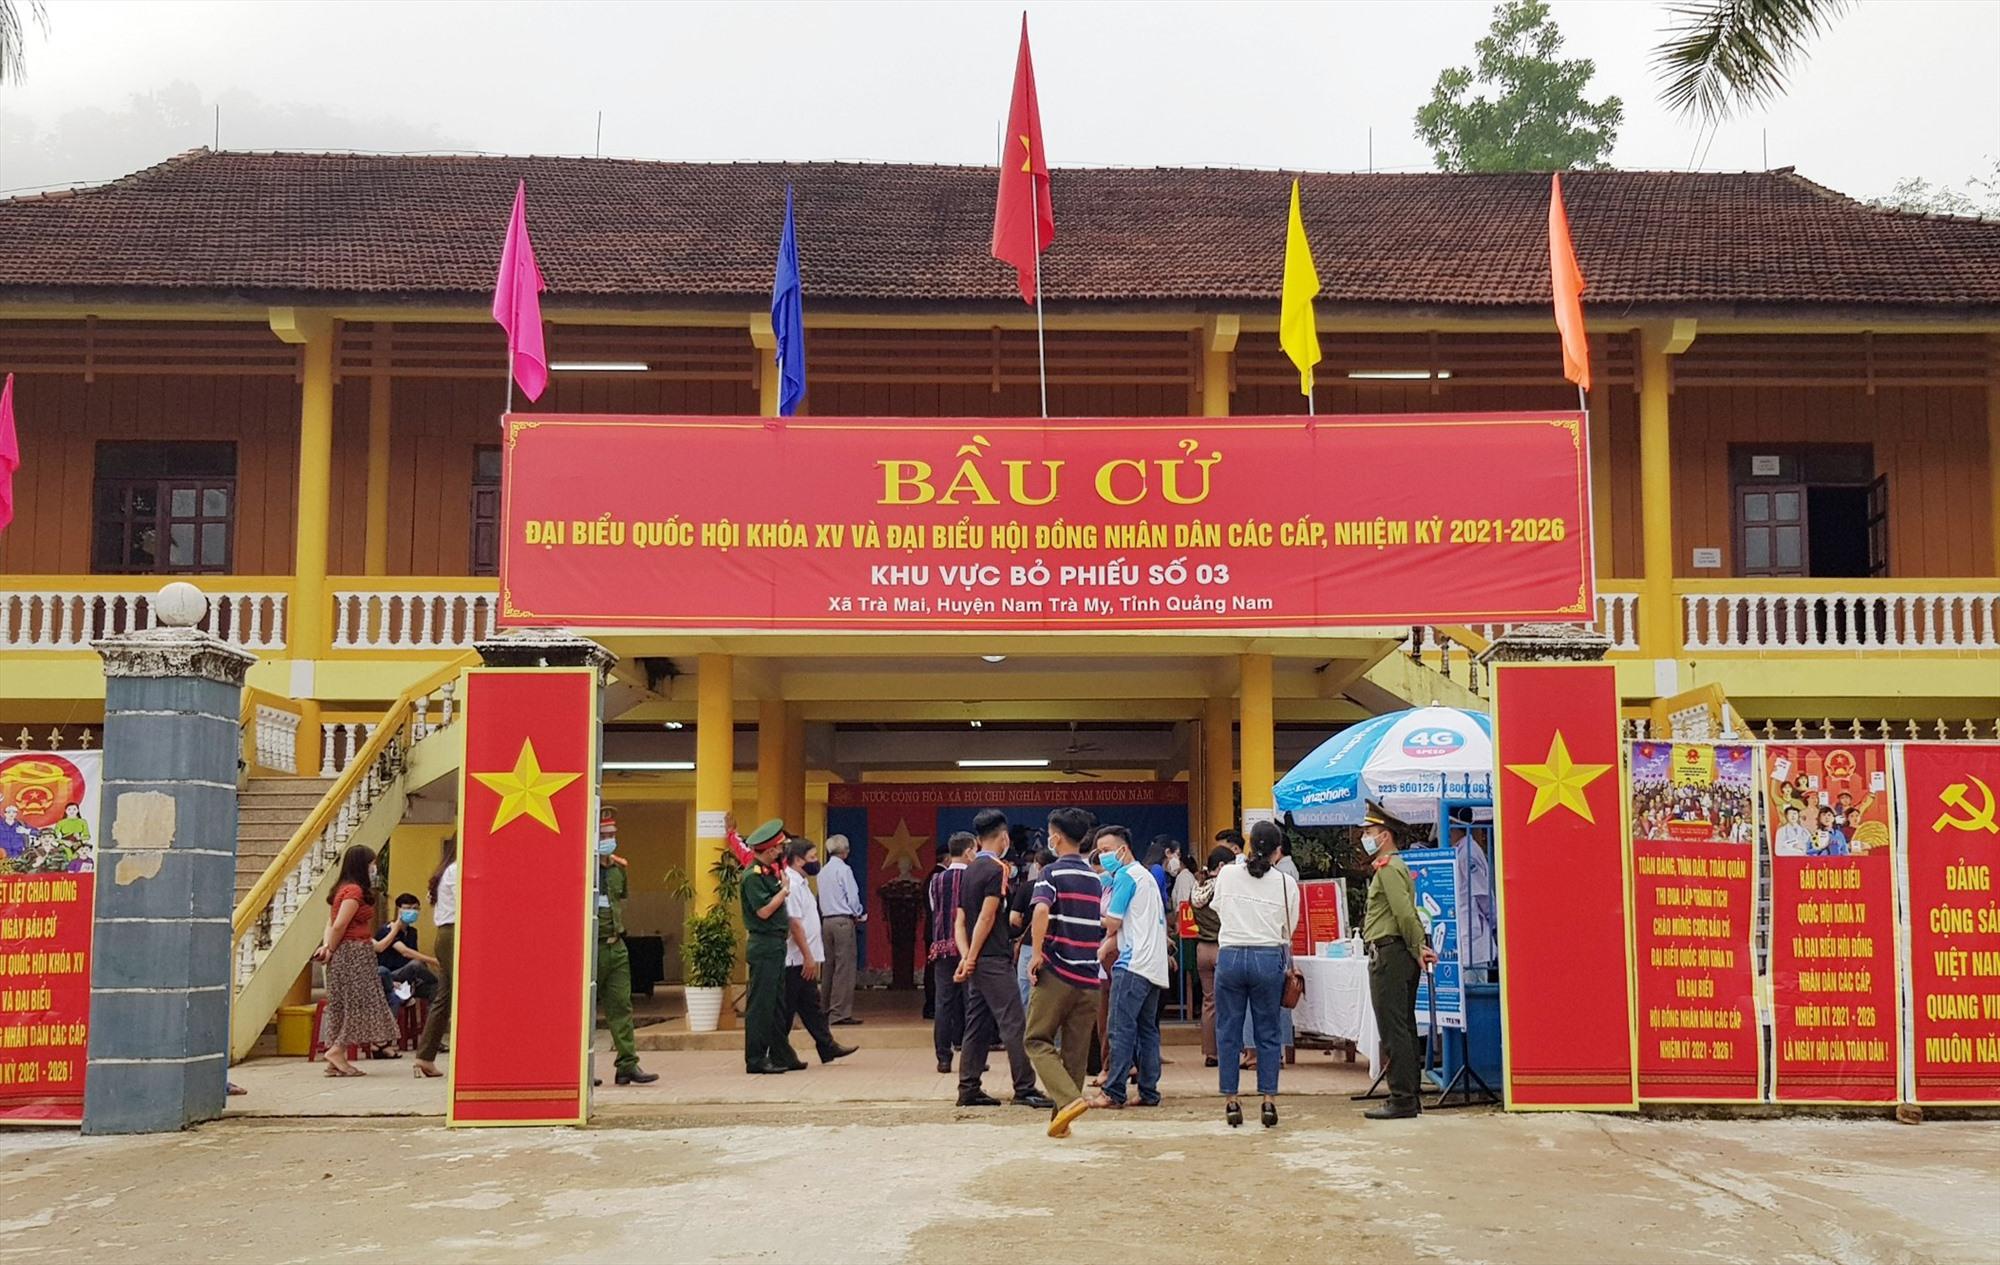 Cử tri đi bầu cử tại khu vực bỏ phiếu số 3 (xã Trà Mai).